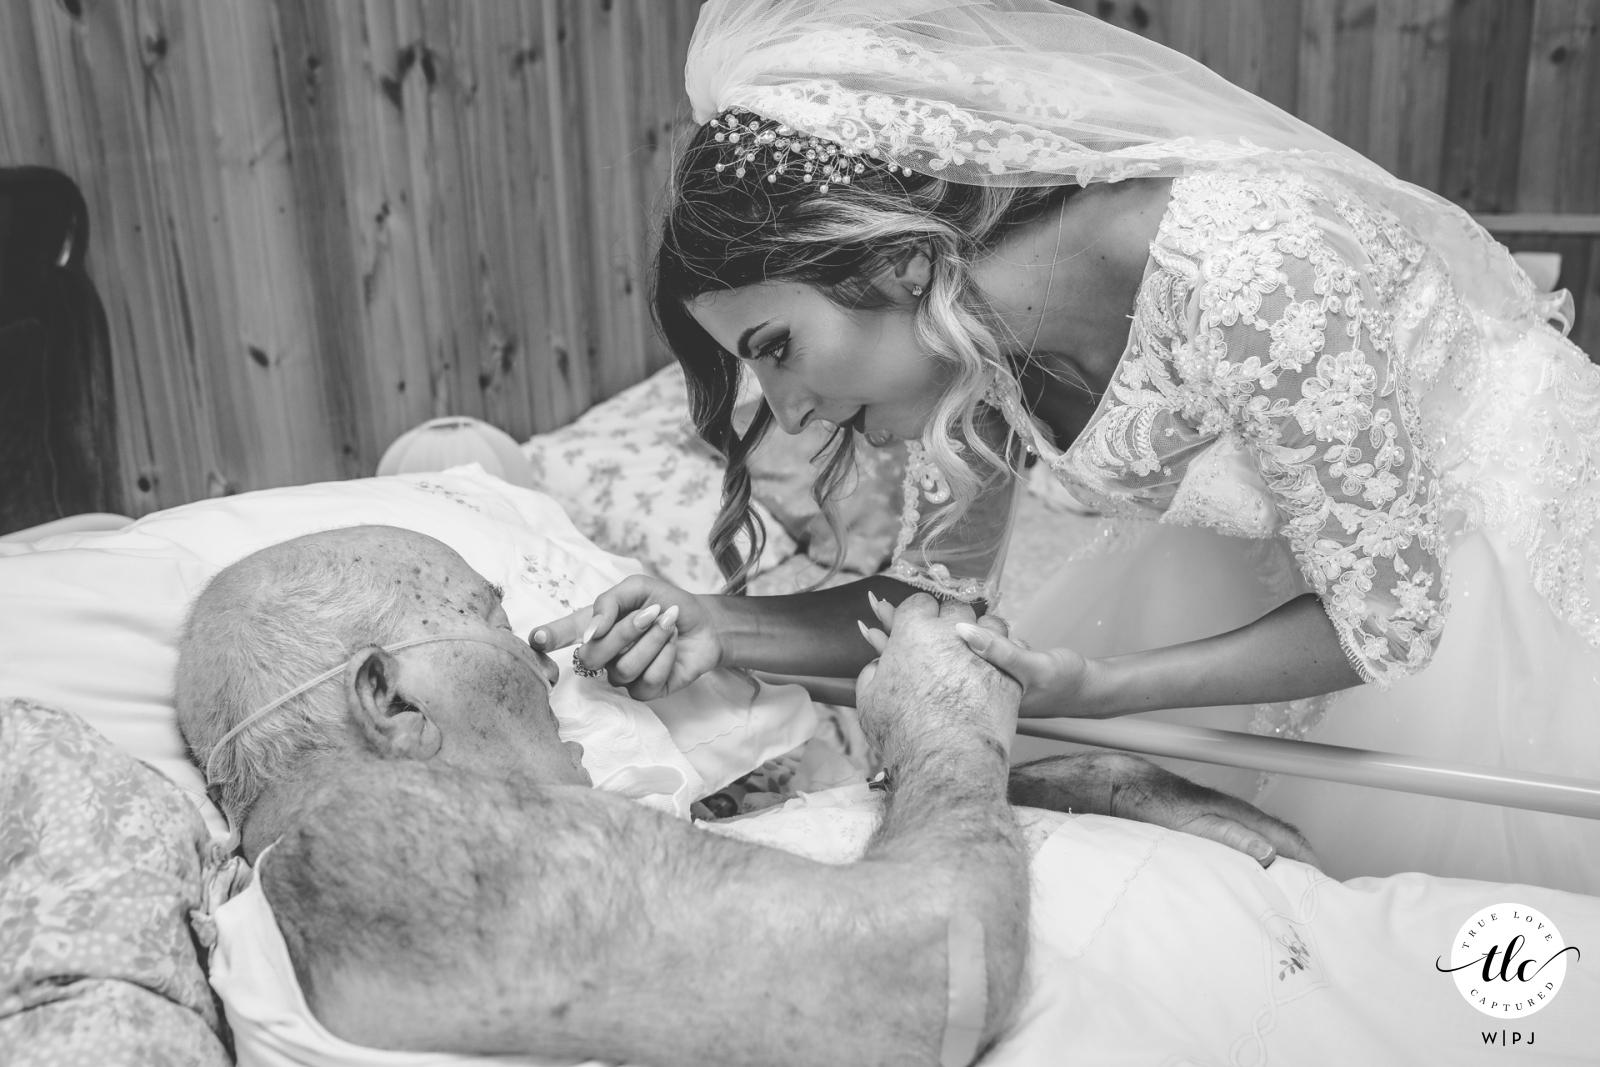 pachino última foto del abuelo con la novia que estaba de visita